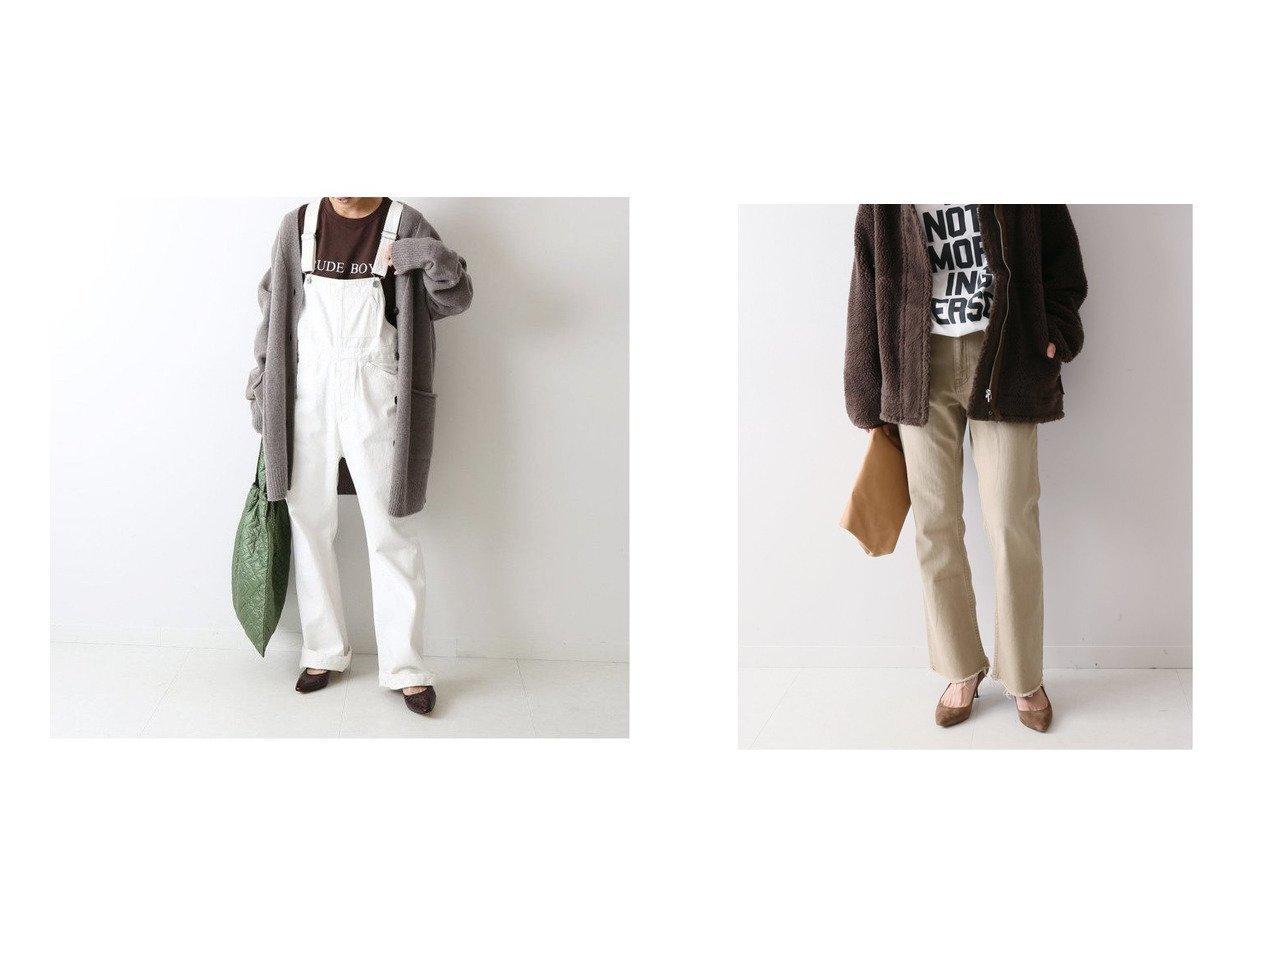 【FRAMeWORK/フレームワーク】のDENIM ストレートフレアパンツ2&デニムオーバーオール5 FRAMeWORKのおすすめ!人気、トレンド・レディースファッションの通販  おすすめで人気の流行・トレンド、ファッションの通販商品 メンズファッション・キッズファッション・インテリア・家具・レディースファッション・服の通販 founy(ファニー) https://founy.com/ ファッション Fashion レディースファッション WOMEN ワンピース Dress サロペット Salopette パンツ Pants デニムパンツ Denim Pants NEW・新作・新着・新入荷 New Arrivals 2020年 2020 2020-2021 秋冬 A/W AW Autumn/Winter / FW Fall-Winter 2020-2021 A/W 秋冬 AW Autumn/Winter / FW Fall-Winter インナー カットソー デニム ストレッチ ストレート フレア ヴィンテージ 人気 再入荷 Restock/Back in Stock/Re Arrival |ID:crp329100000017323